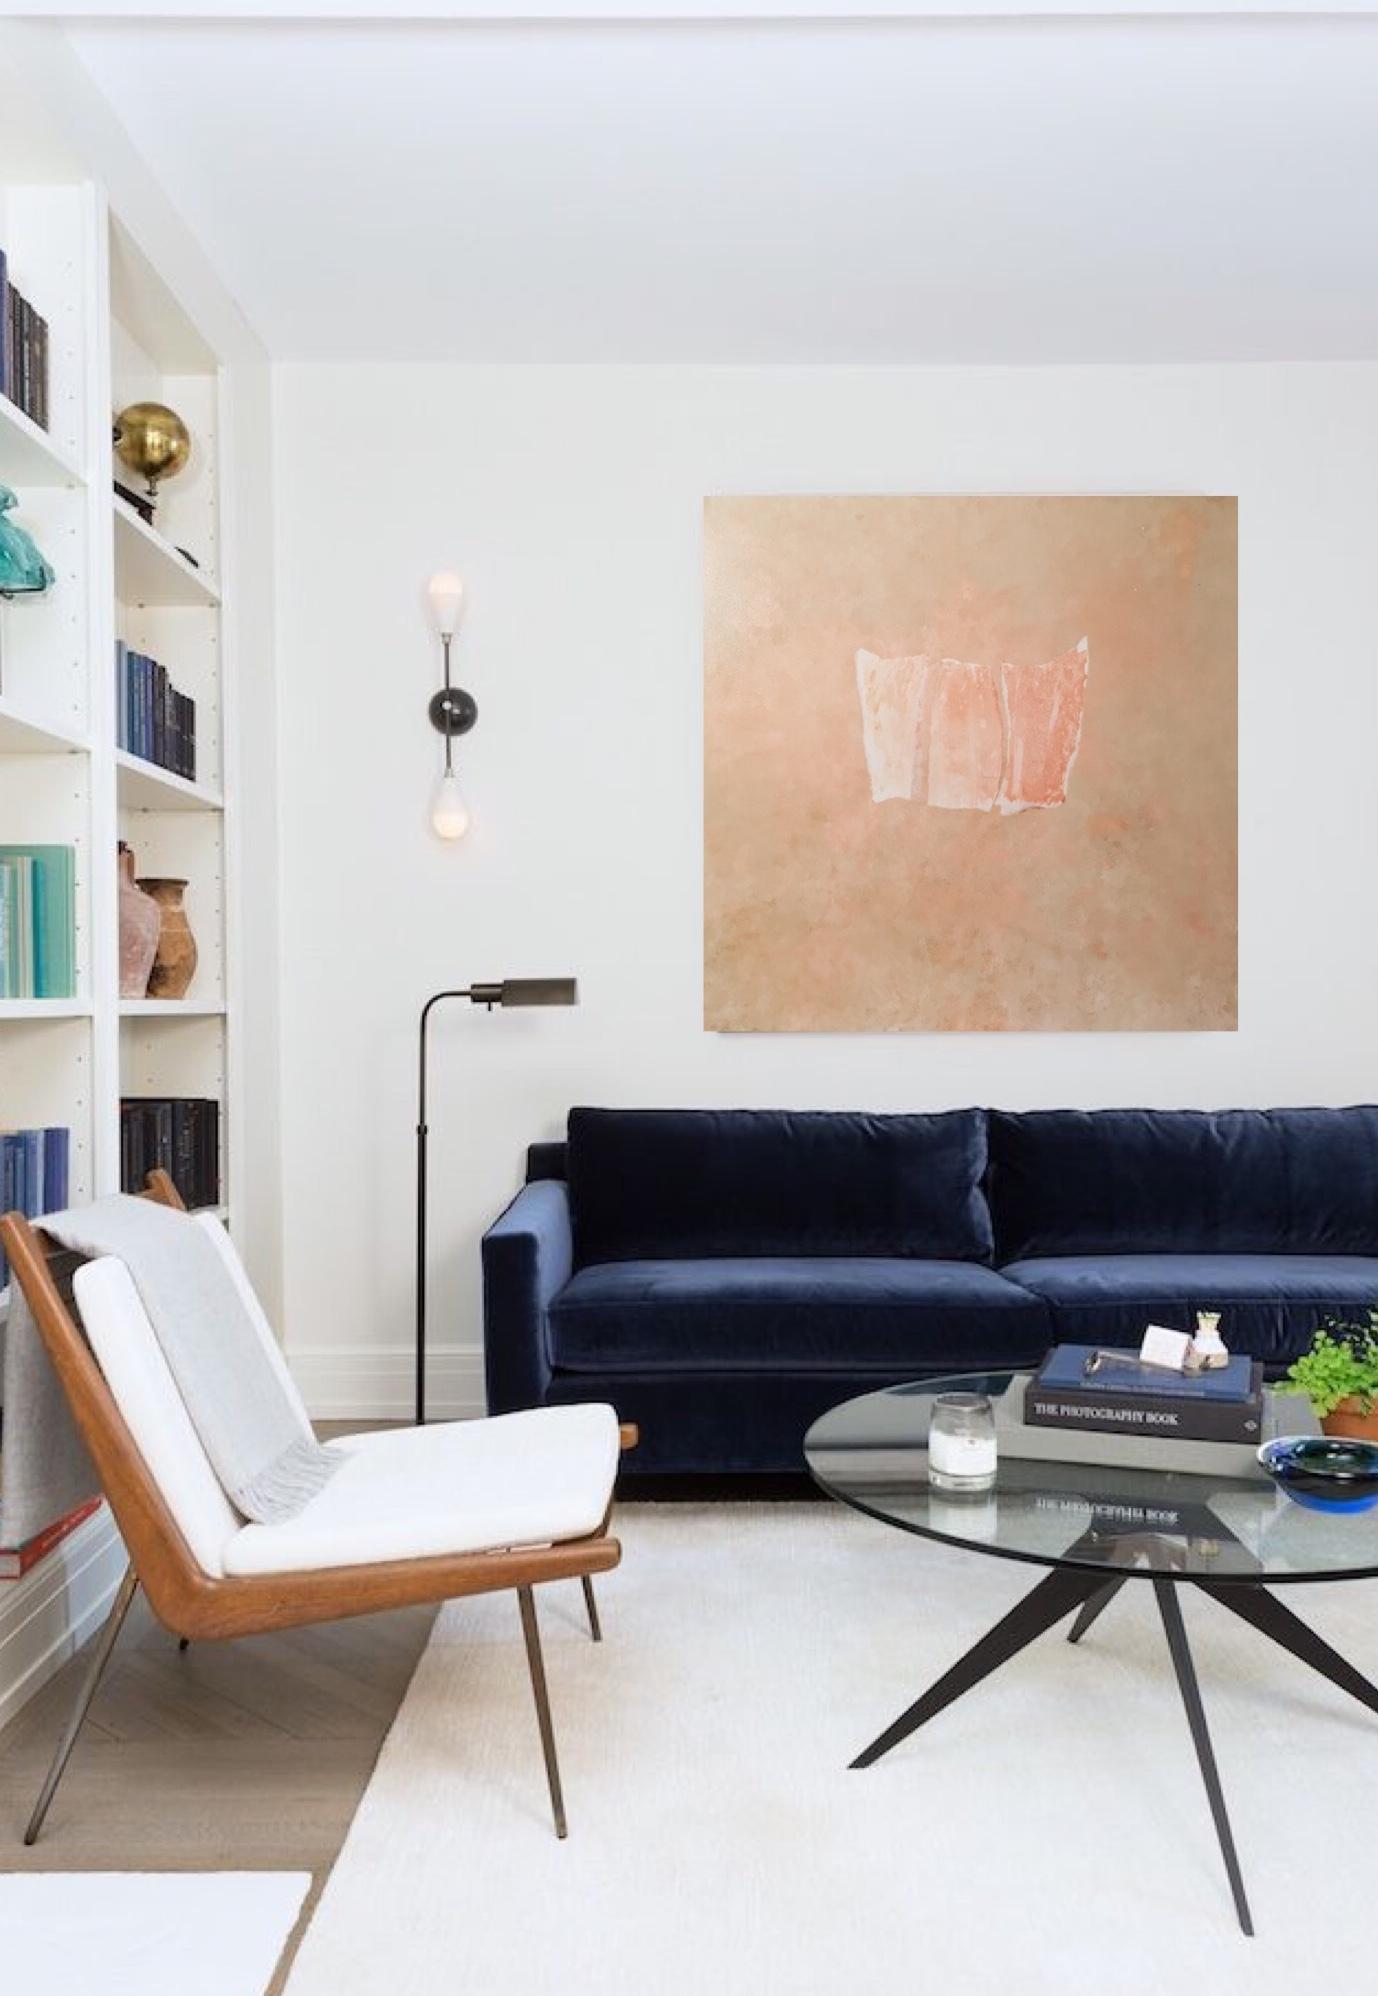 Marine Bonzom - Artiste Peintre Biarritz - Home - Vienna II